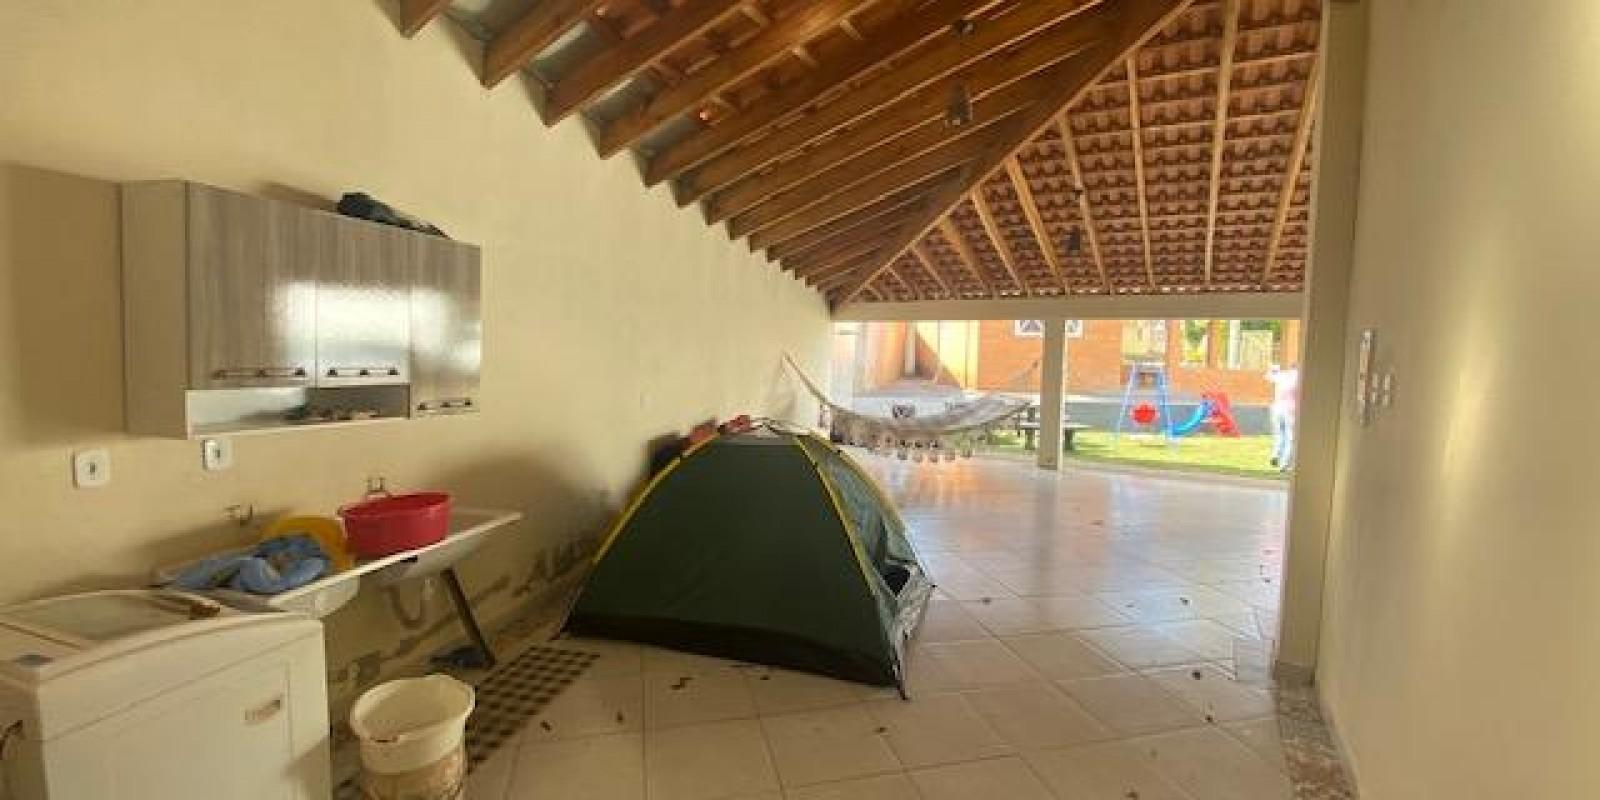 Casa na Represa no Condomínio Chale da Prainha em Avaré SP  - Foto 10 de 20